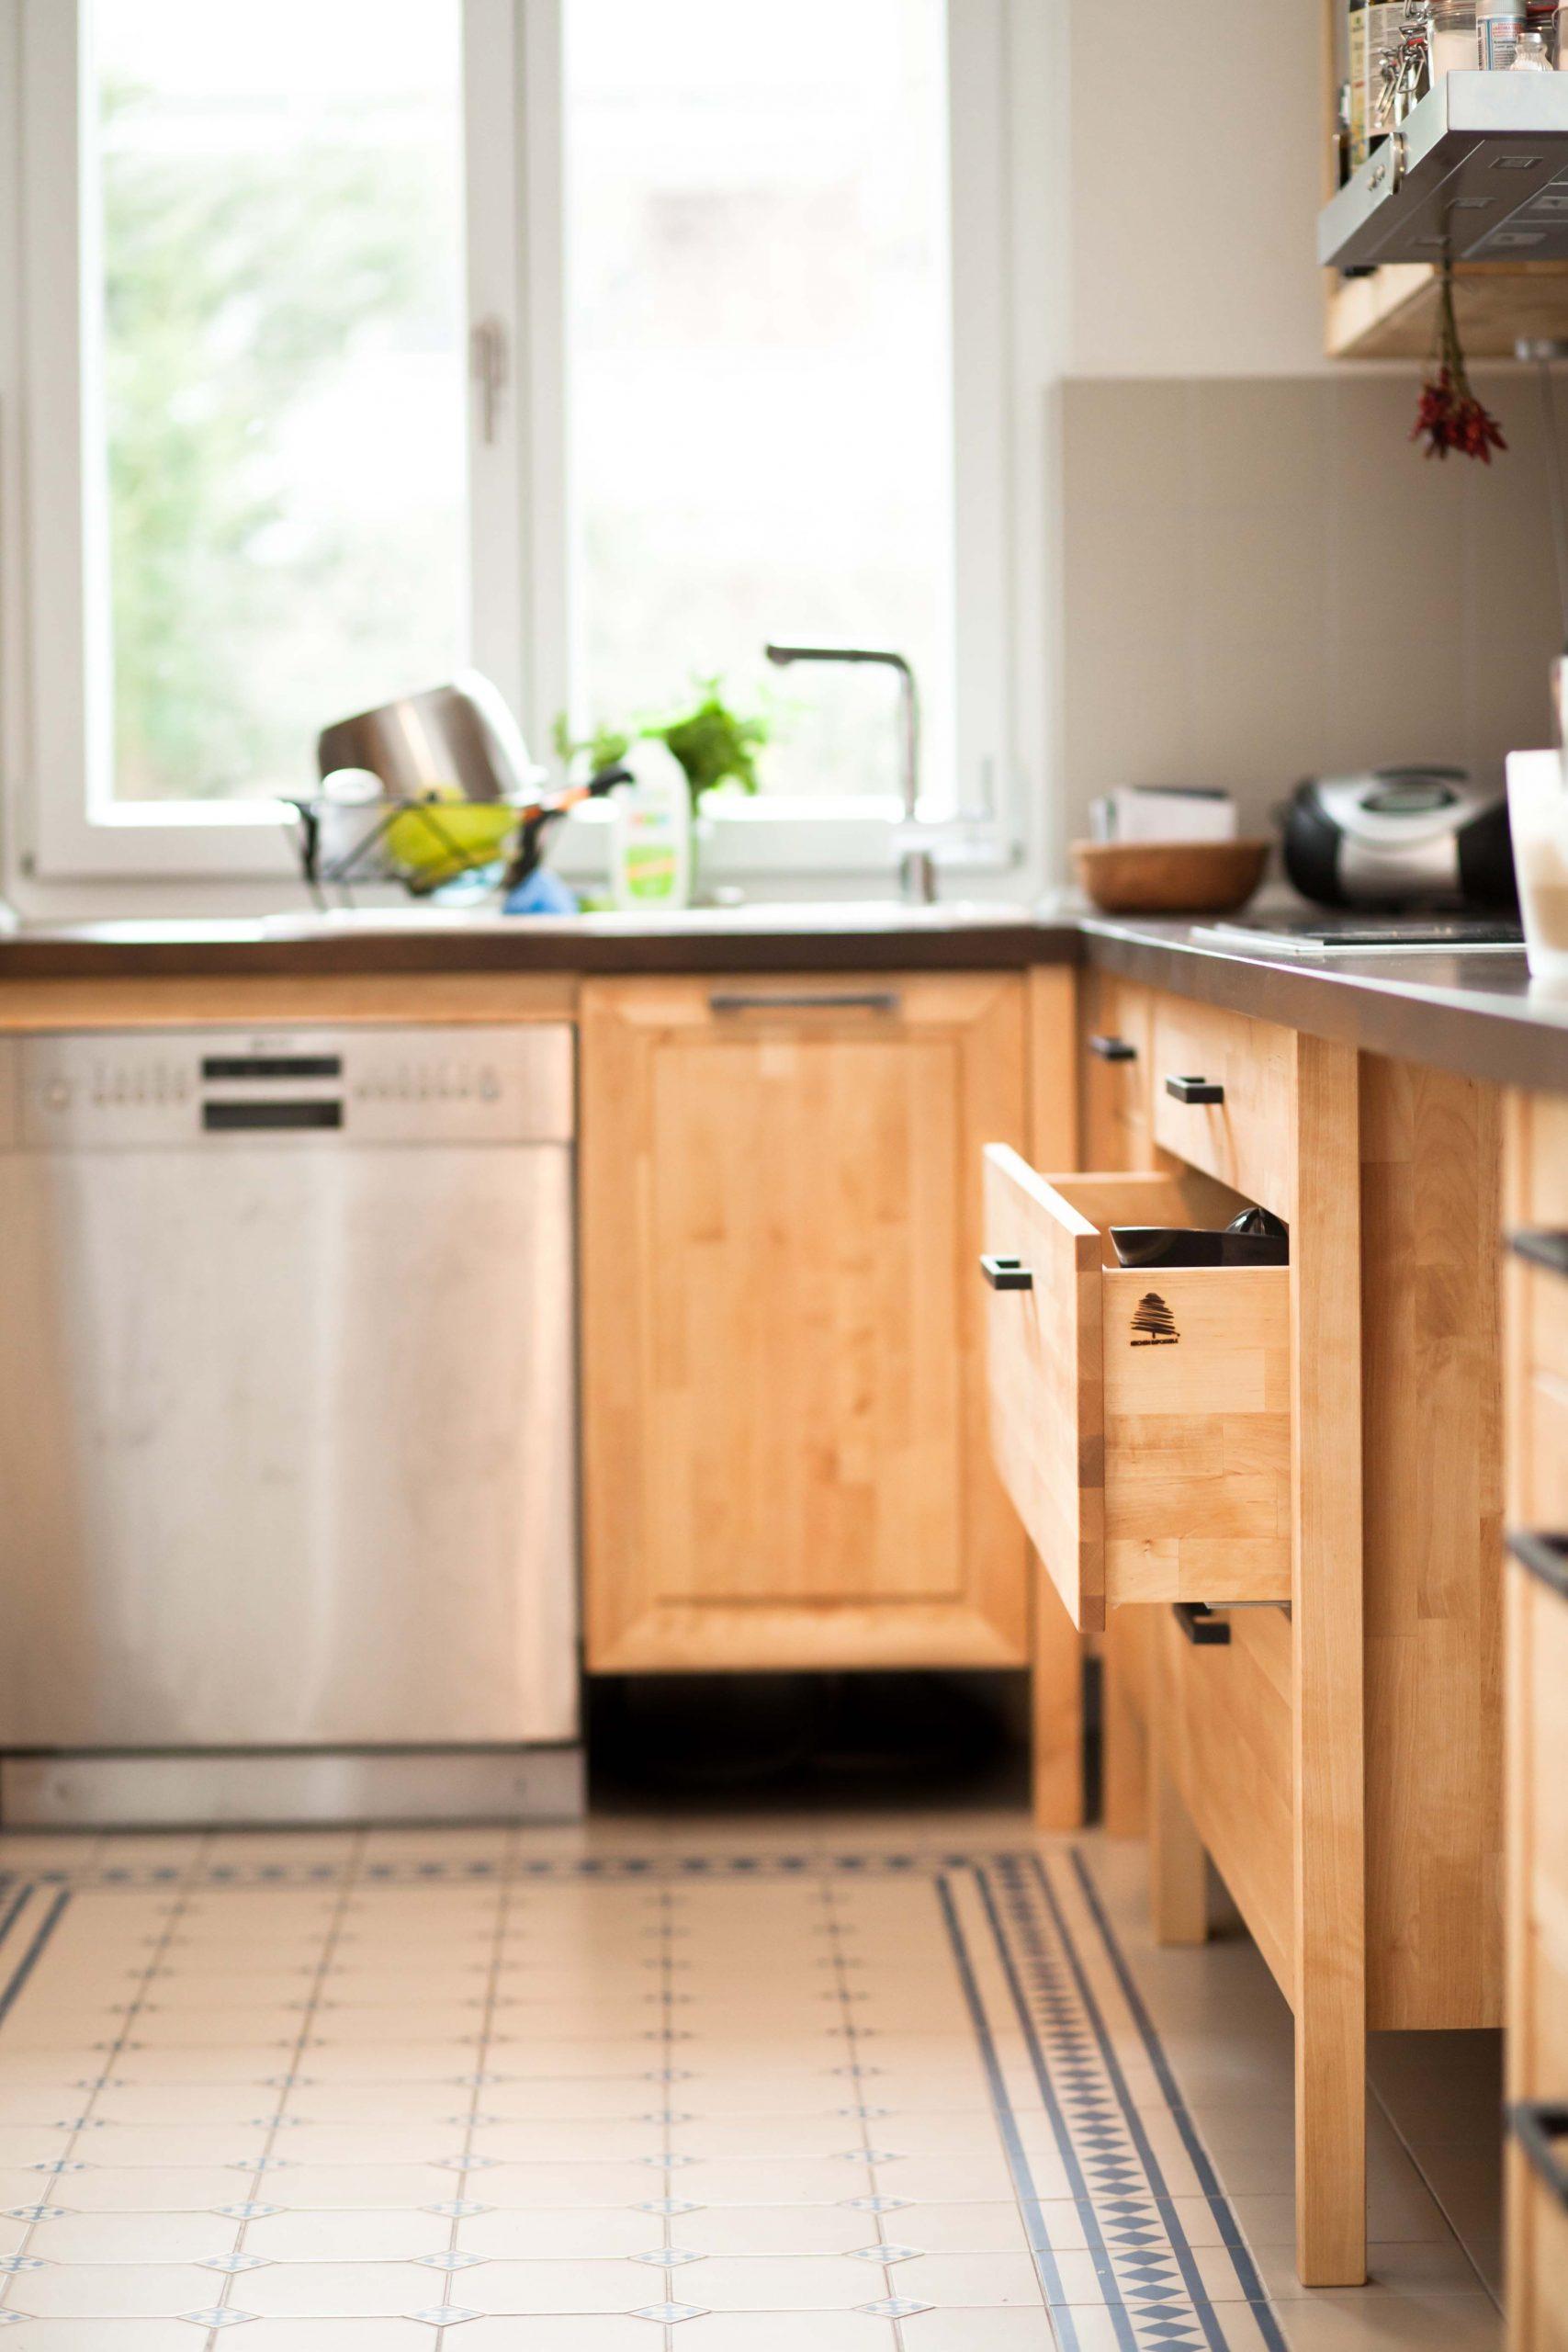 Full Size of Küche Selbst Zusammenstellen Massivholzkche Echtholzkche Schne Kchenidee Diese Kche Industriedesign Kleine Einbauküche Eckschrank Modulküche Ikea Mit Küche Küche Selbst Zusammenstellen